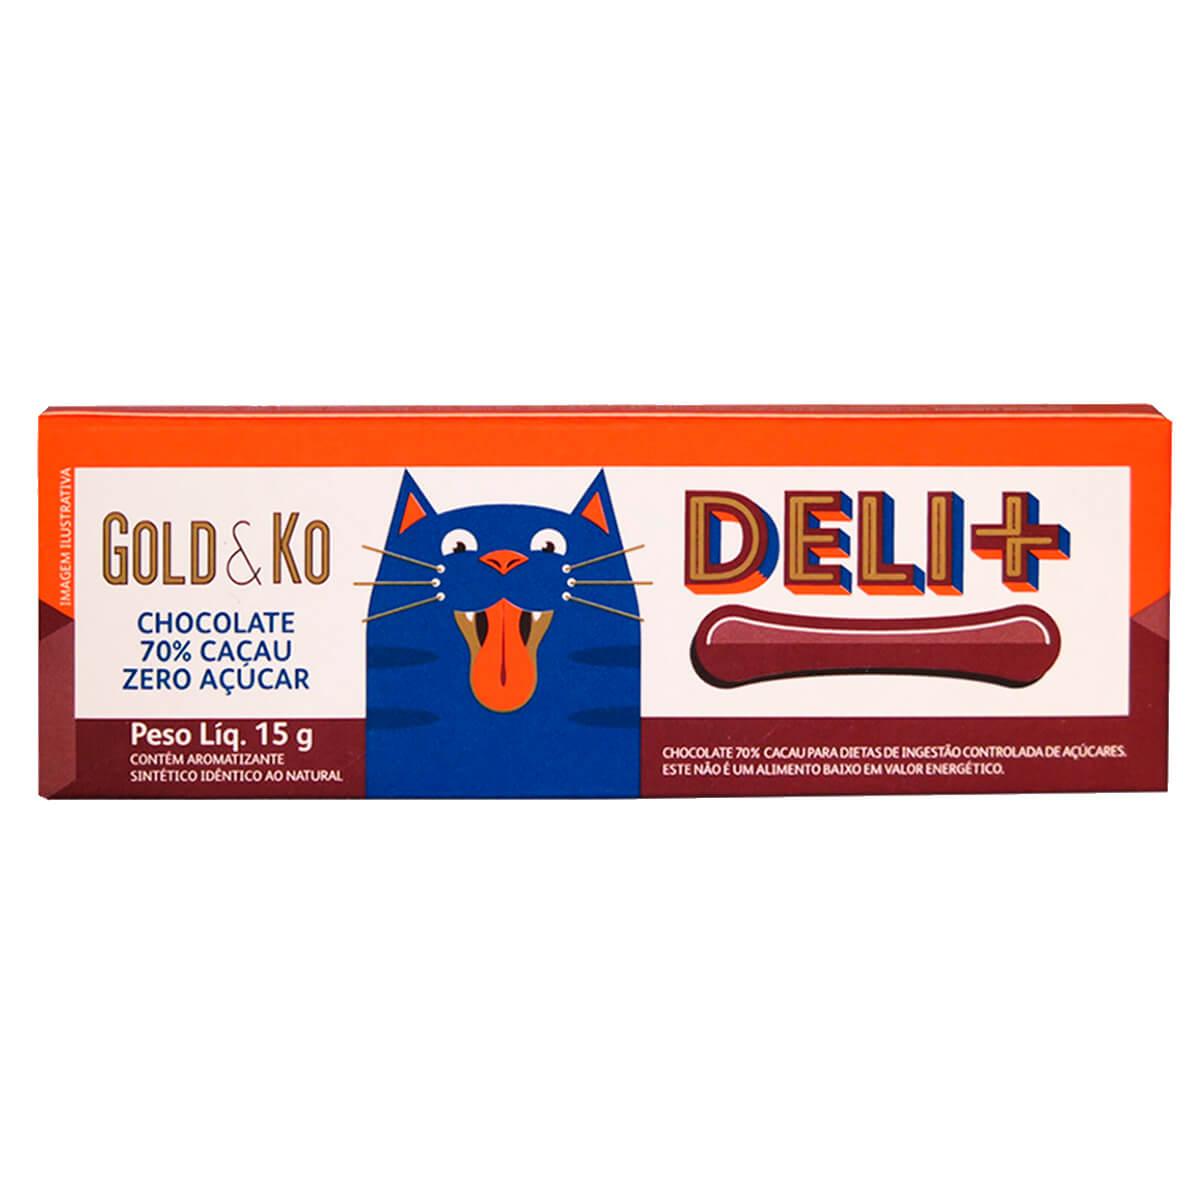 Chocolate Gold e Ko Deli+ Zero Açúcar 70% Cacau 15g Deli Deli 15g